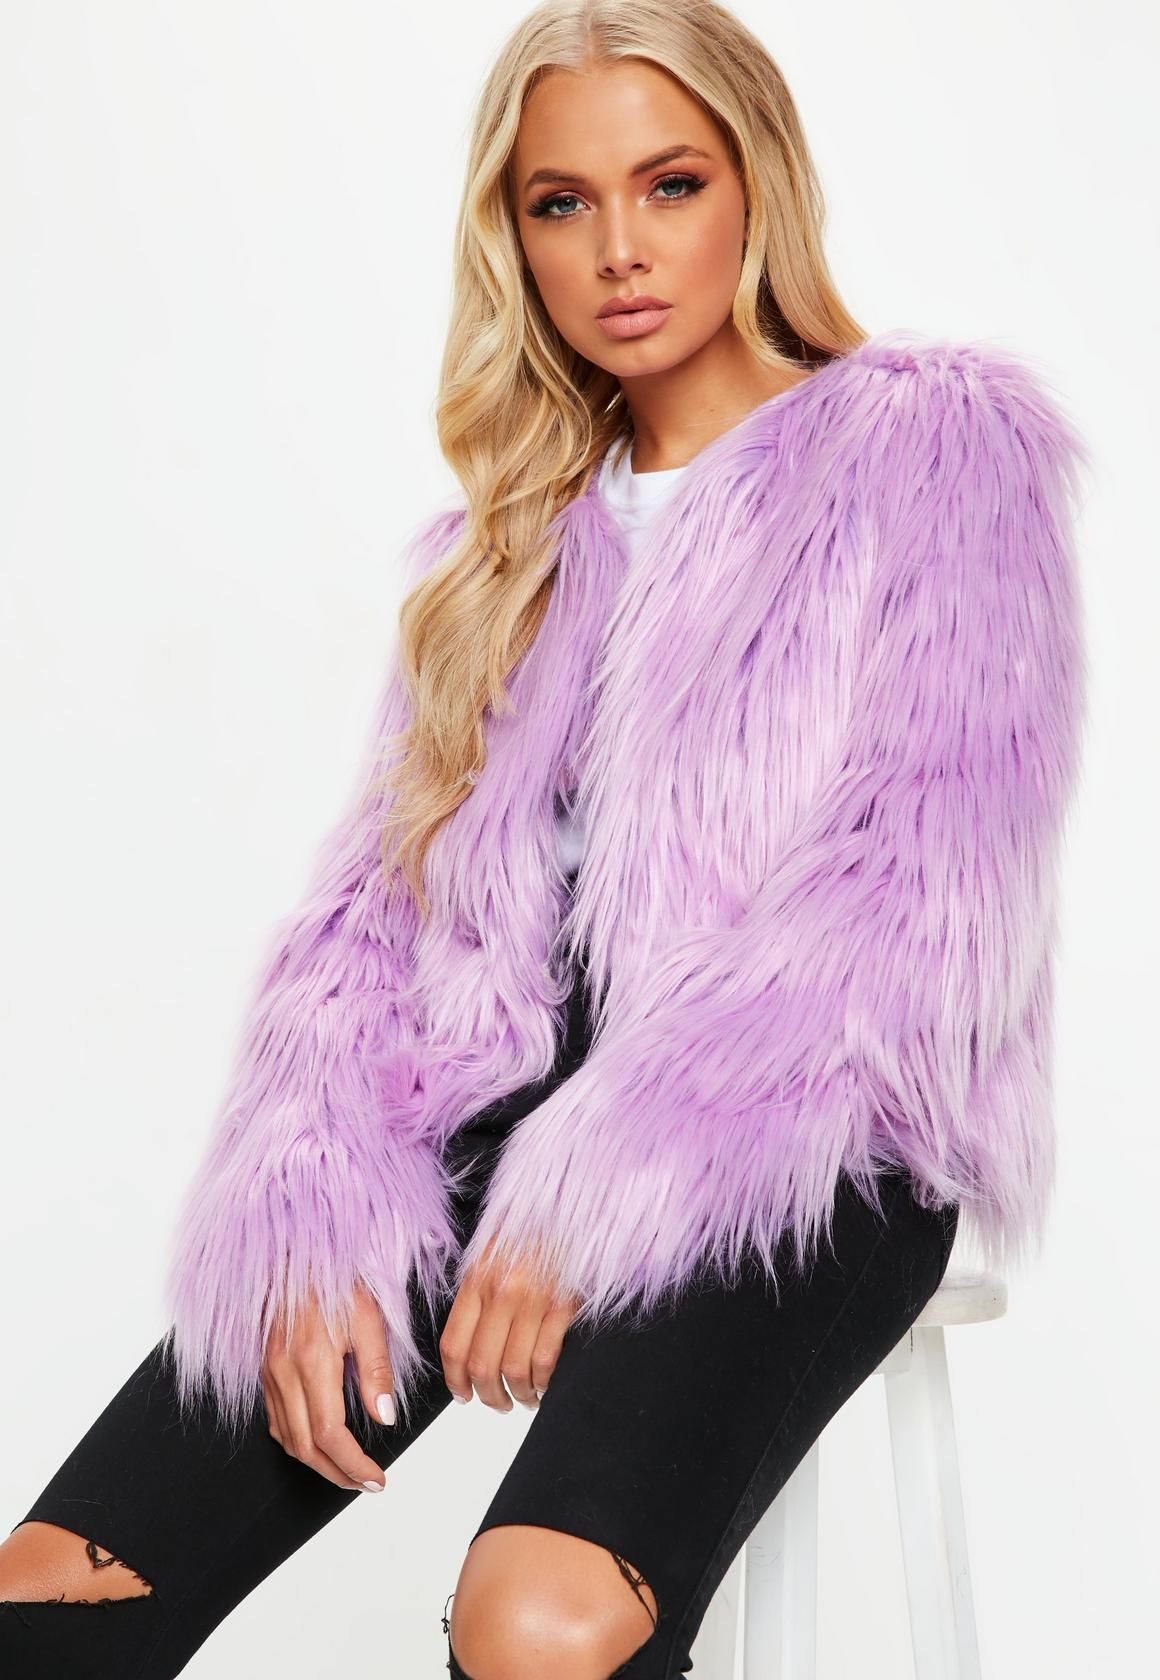 Missguided Lilac Shaggy Faux Fur Coat Shaggy Faux Fur Coat Faux Fur Coats Outfit Fluffy Faux Fur Coat [ 1680 x 1160 Pixel ]